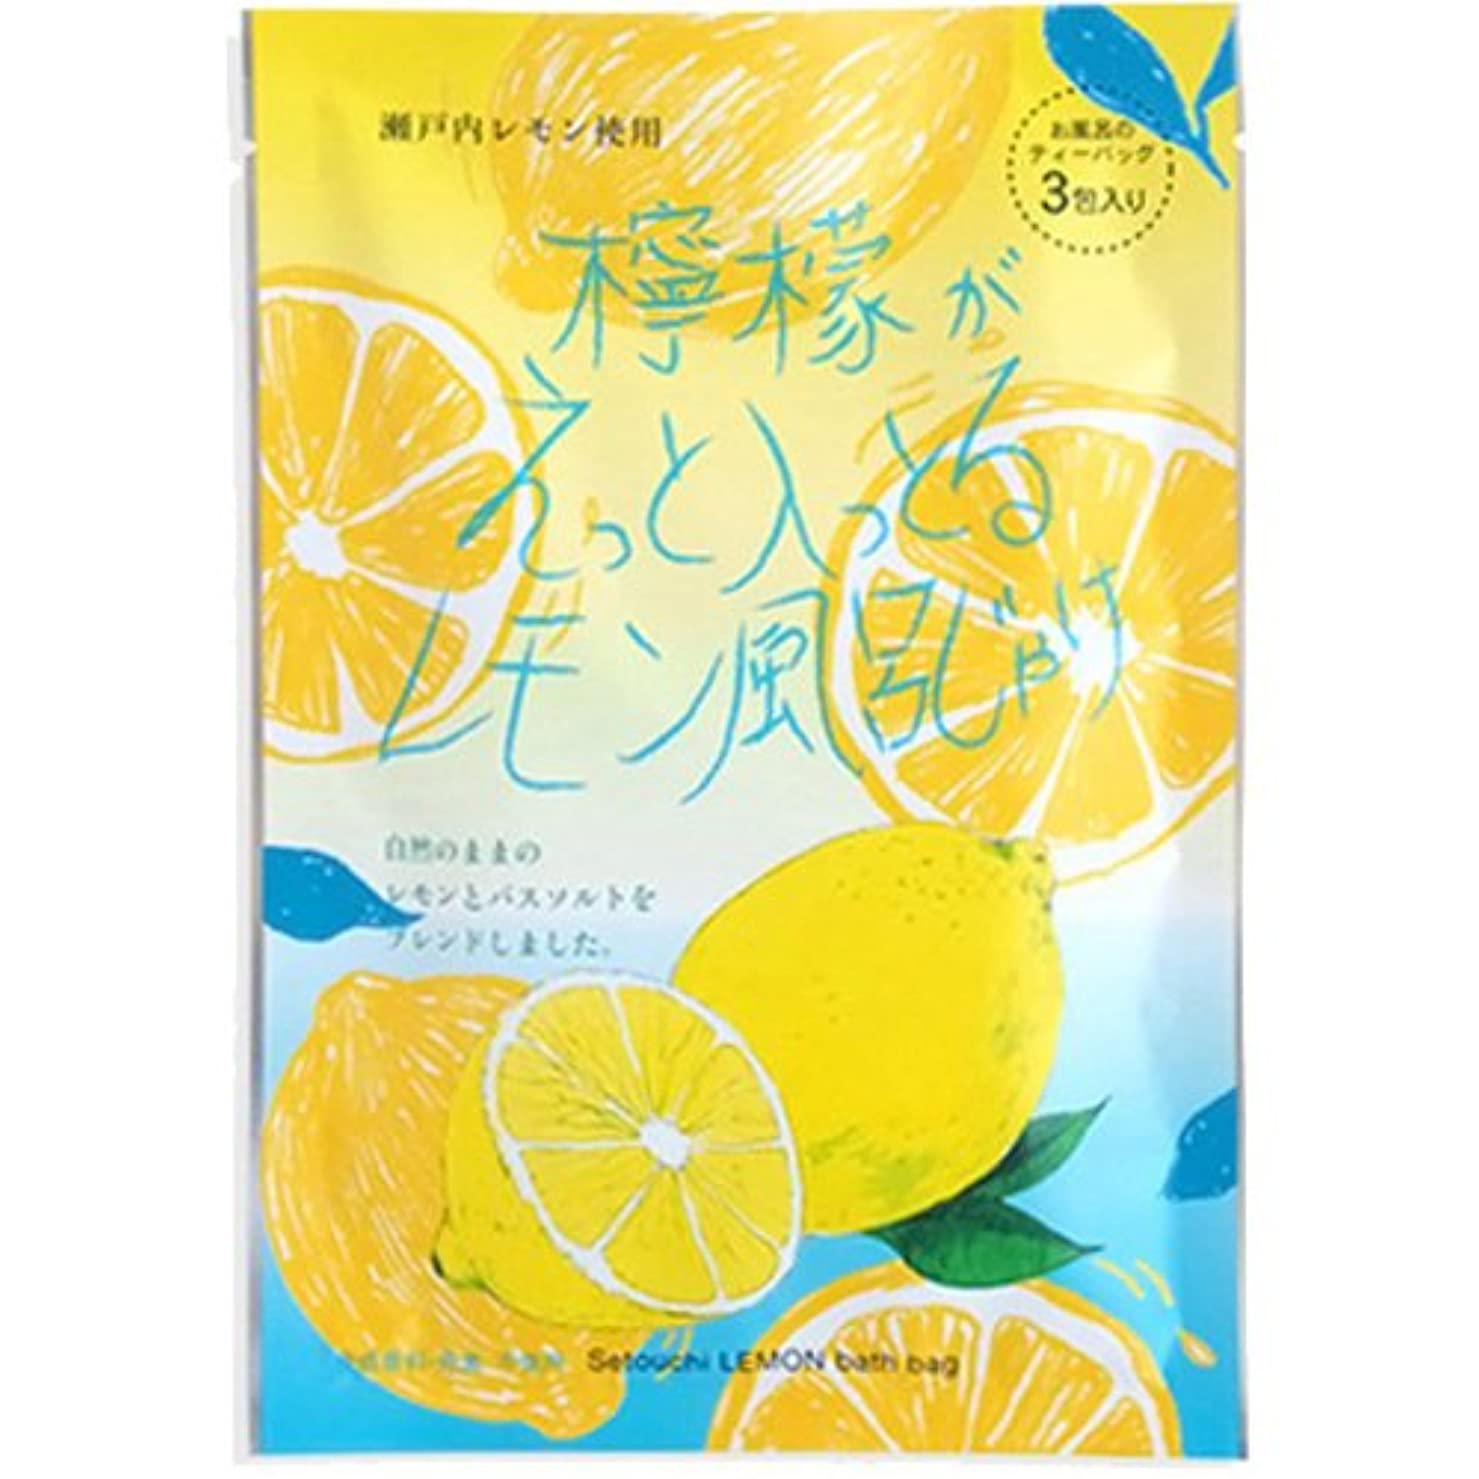 弾薬シンジケート手檸檬がえっと入っとるレモン風呂じゃけ